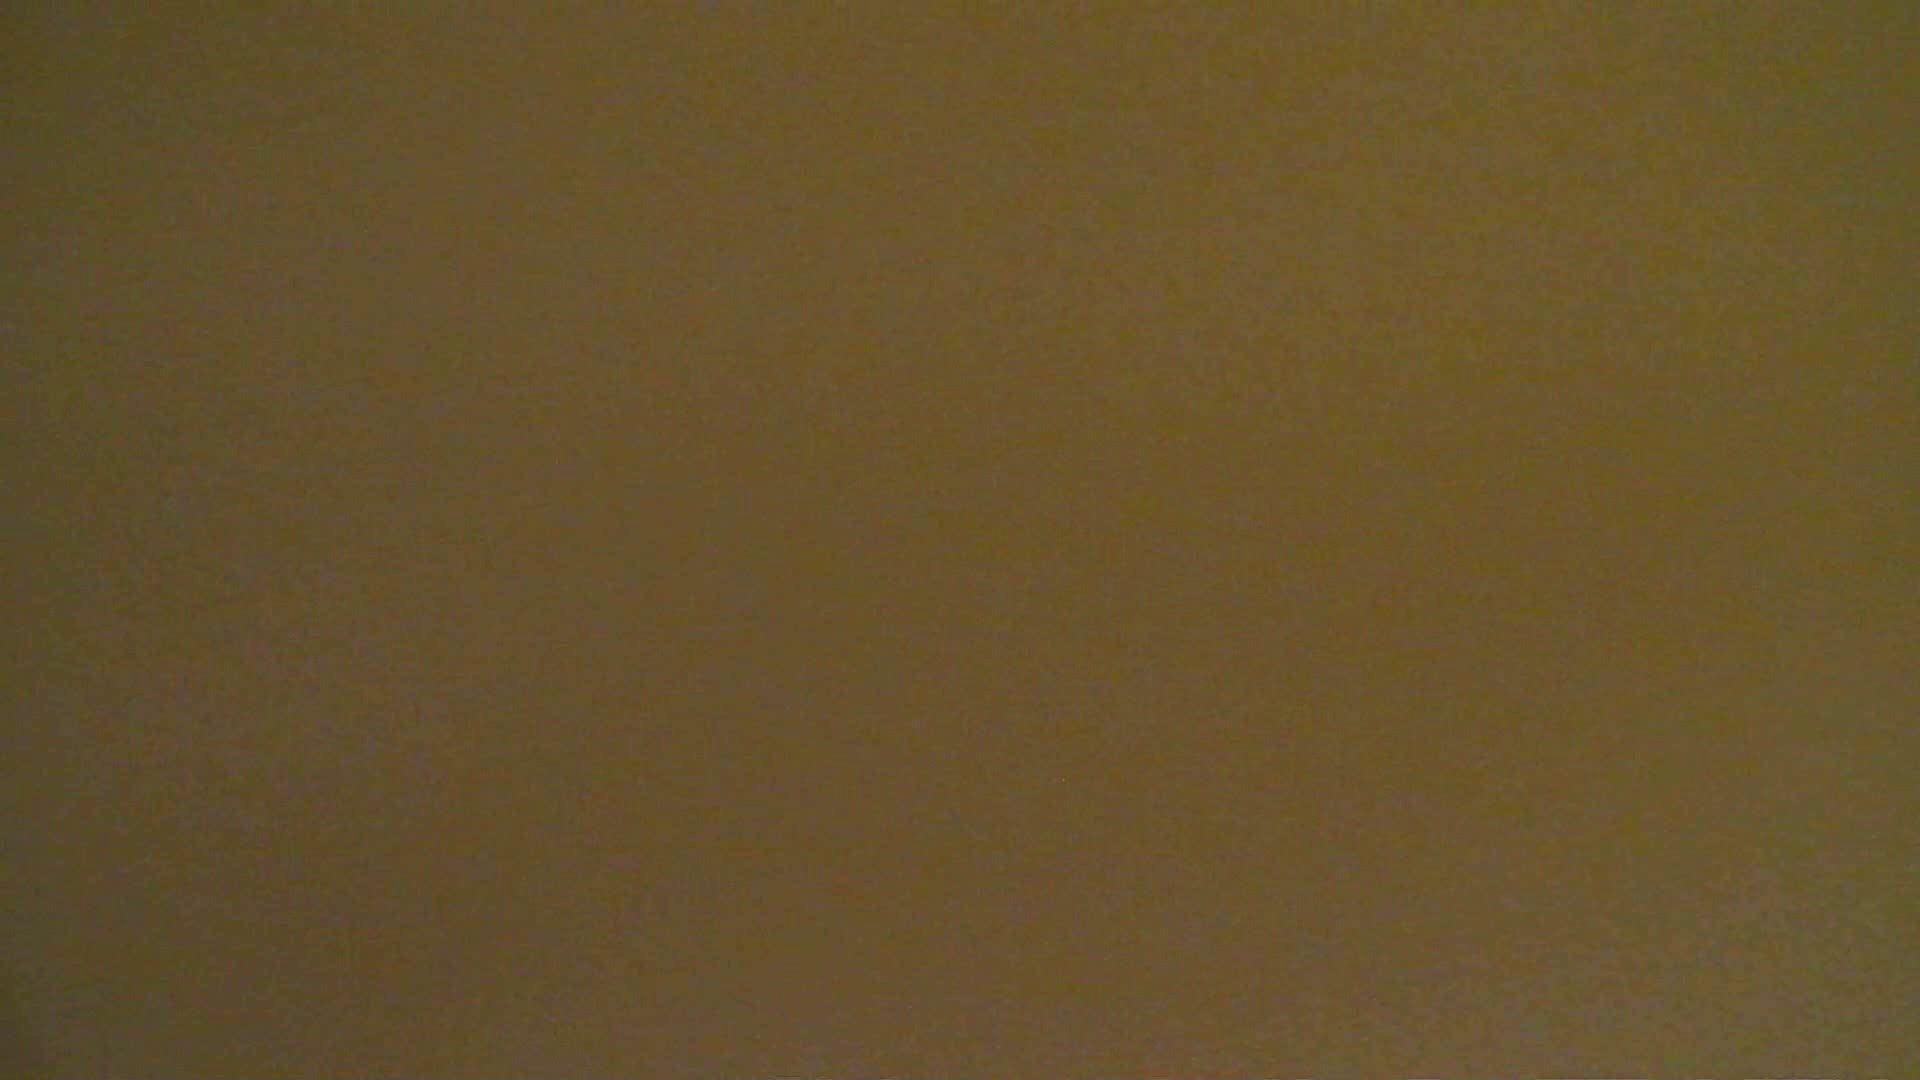 洗寿観音さんの 化粧室は四面楚歌Nol.4 洗面所 | 色っぽいOL達  104pic 51